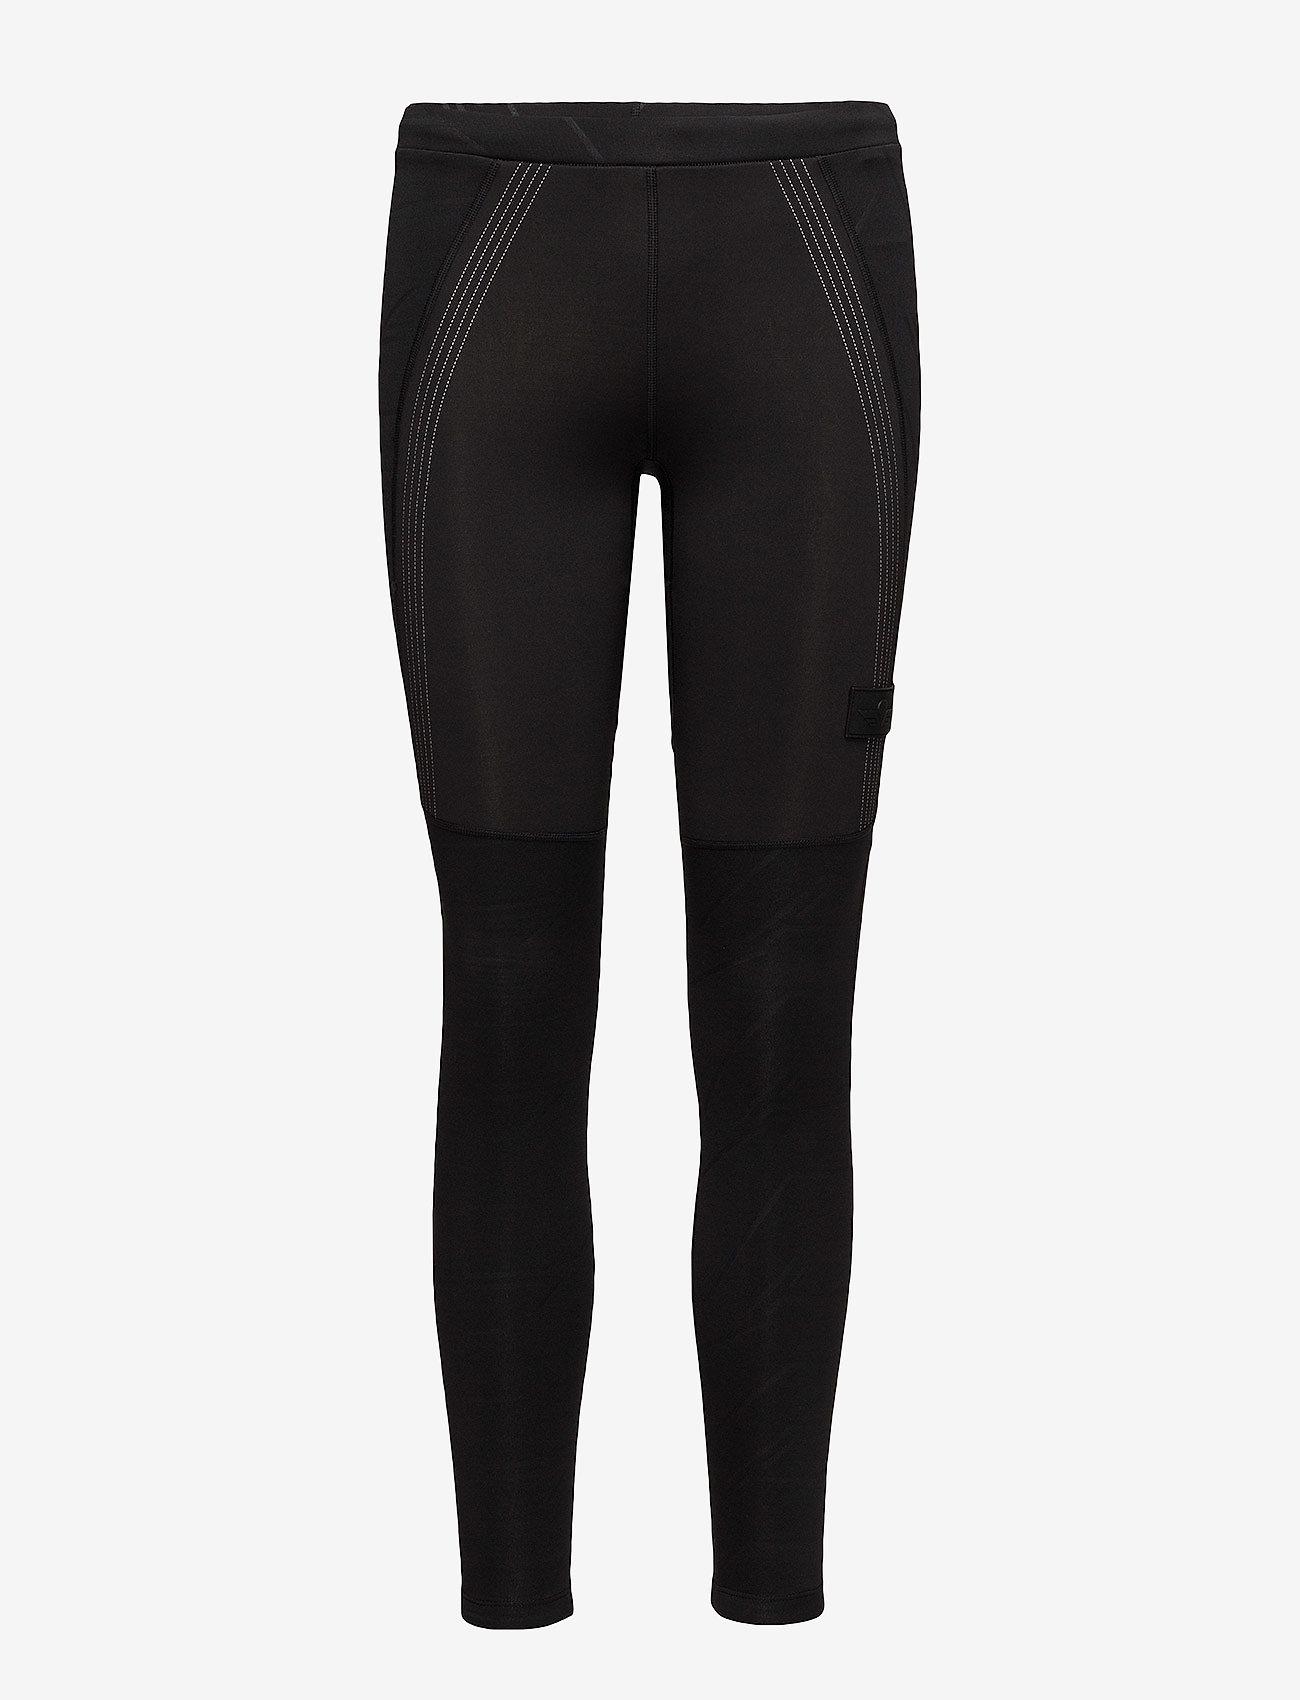 Newline - BLACK WARM WIPER TIGHTS - running & training tights - black - 0